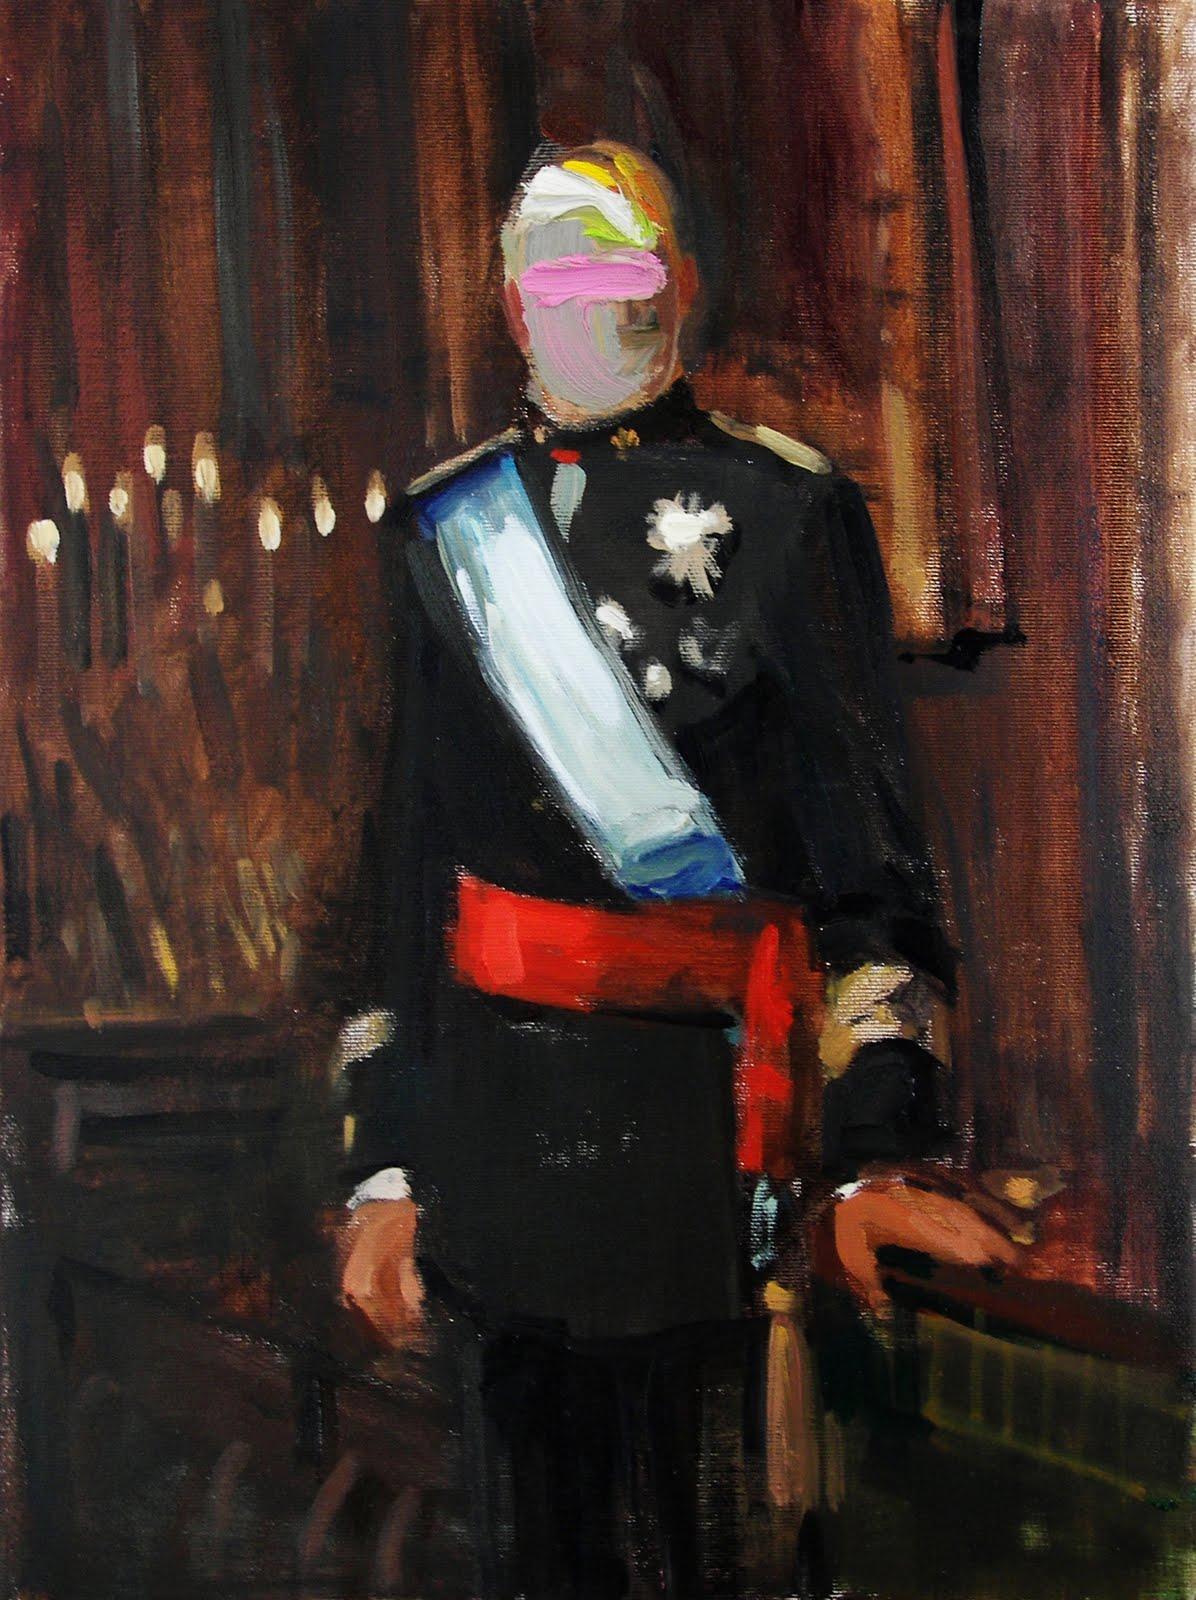 [Arturo+Melero+-+King+Portrait.jpg]